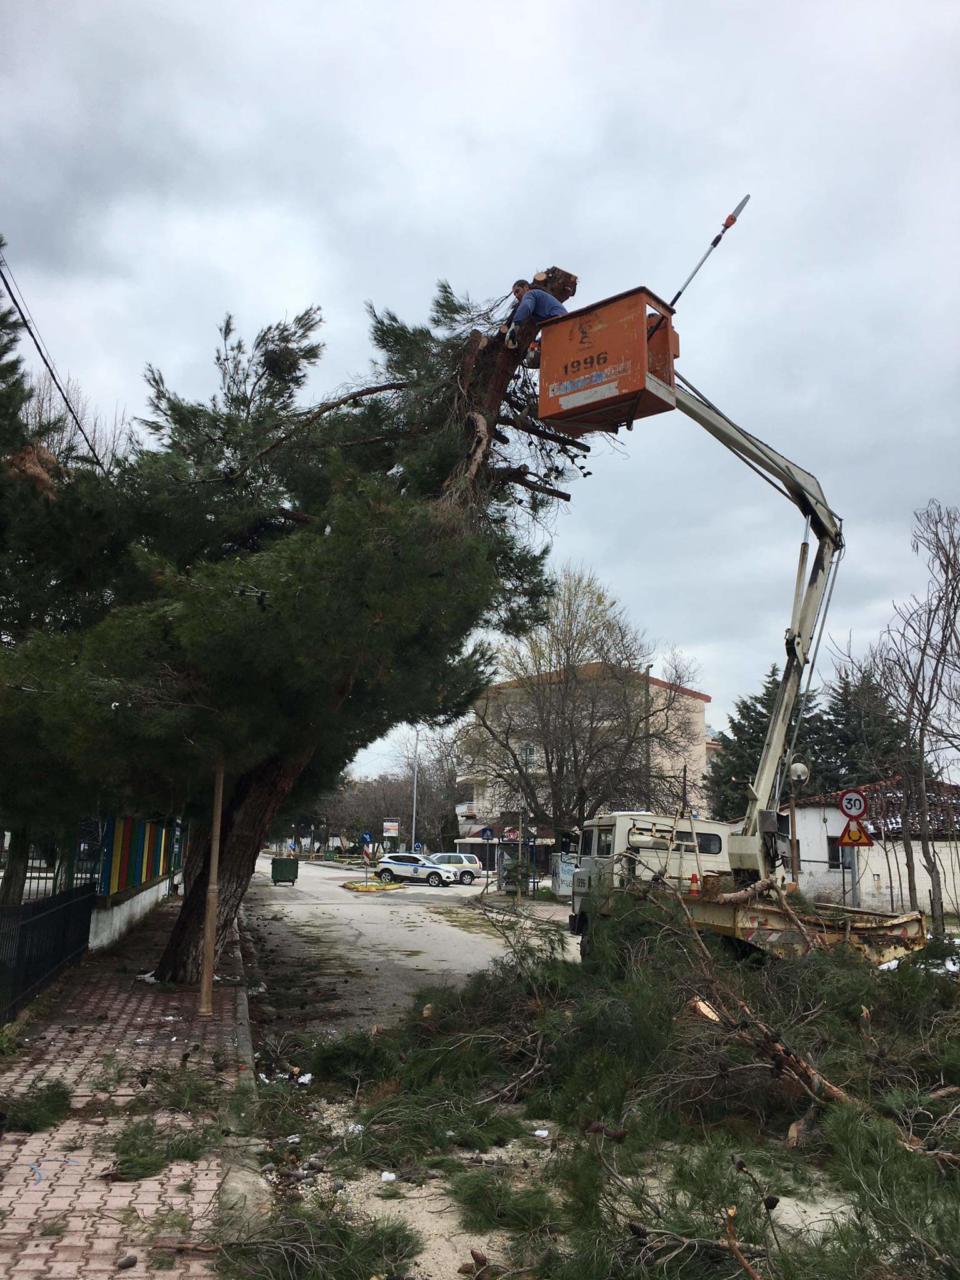 Εργασίες απομάκρυνσης των επικίνδυνων κλαδιών από δένδρα, που έσπασαν από την χιονόπτωση, ξεκίνησε ο Δήμος Εορδαίας.